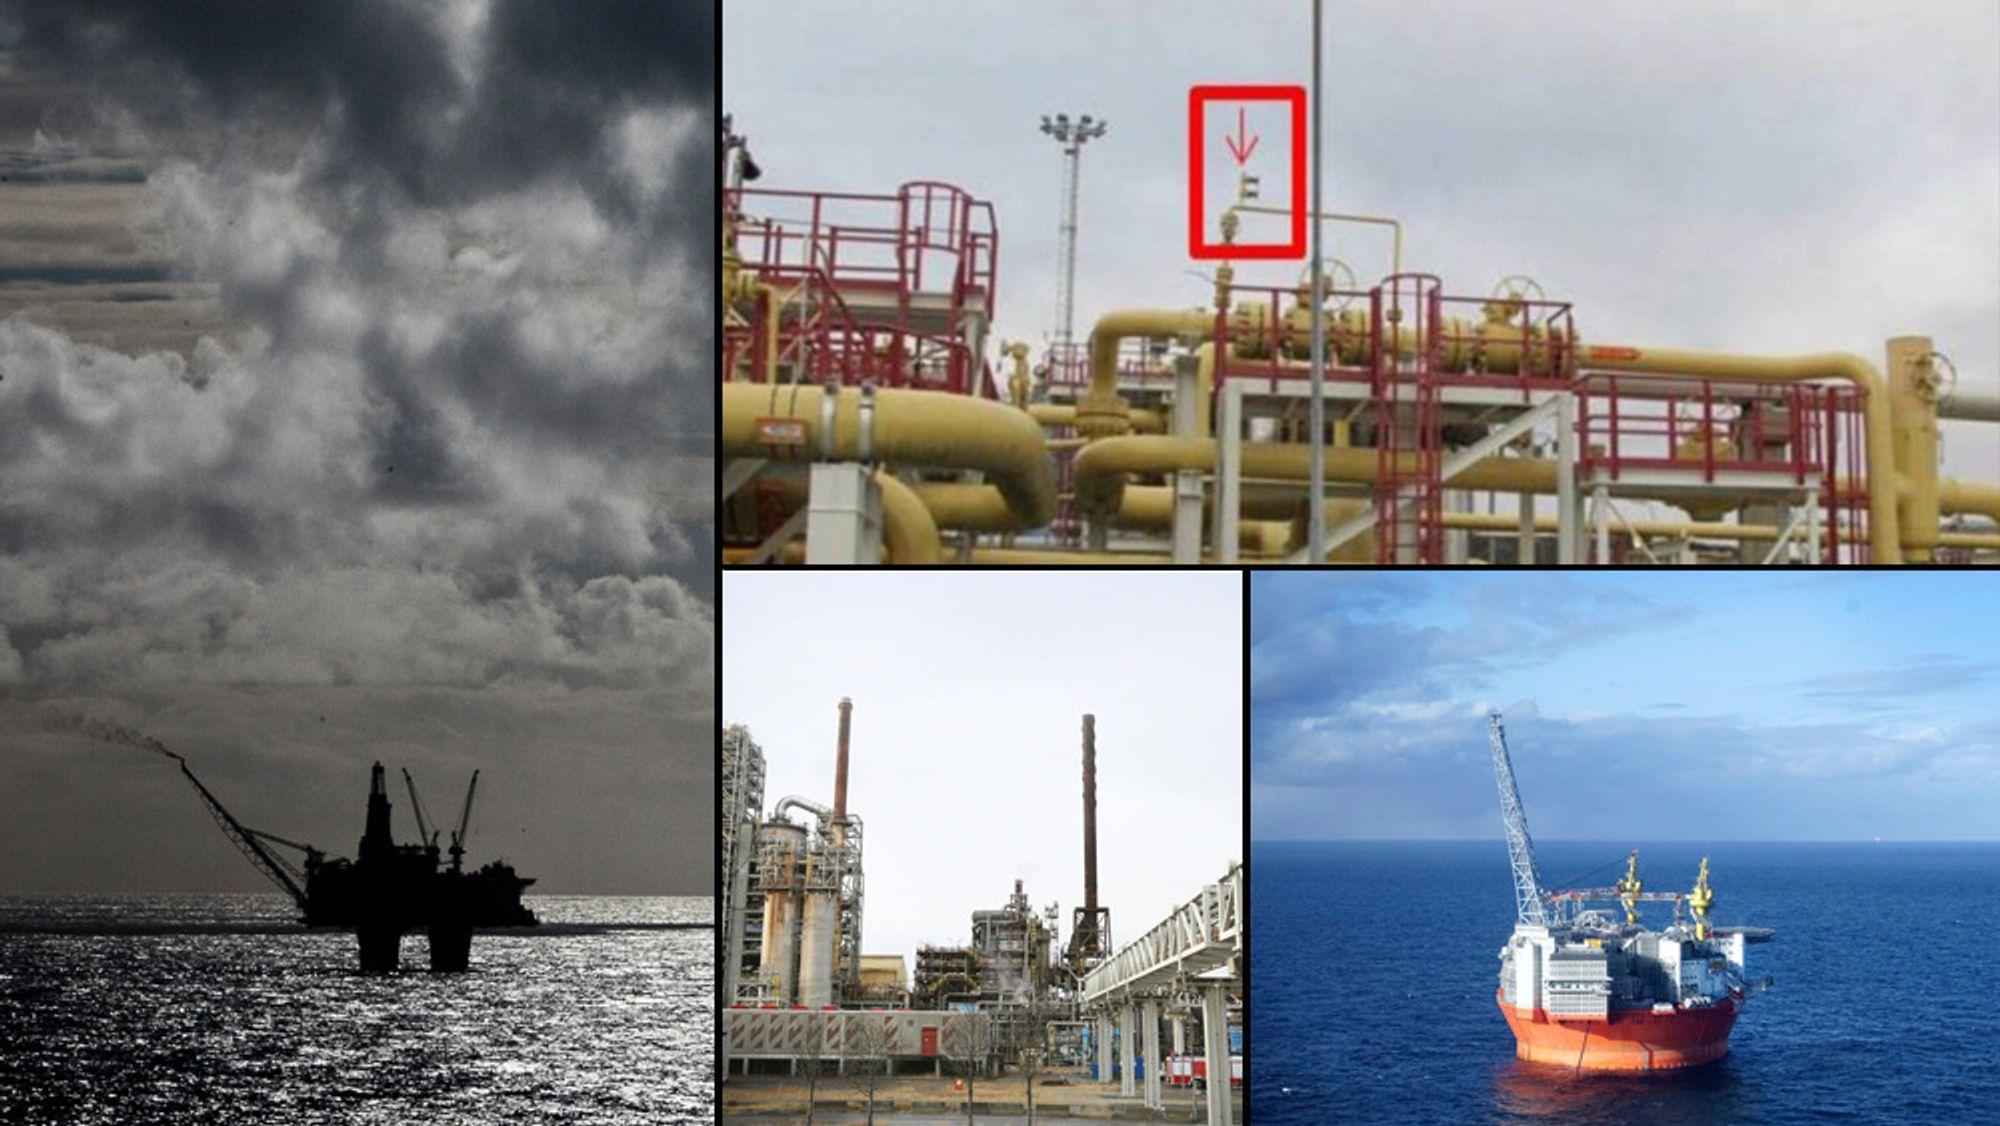 Petroleumstilsynet gransket et rekordhøyt antall alvorlige hendelser i fjor, inkludert ett dødsfall. Til tross for at de i april ga et varsku til oljebransjen om at sikkerhetsnivået var på vei ned, har ulykkene bare fortsatt. Nå ber flere organisasjoner om at Ptil blir gransket. –Ikke opp til oss, sier Ptil.